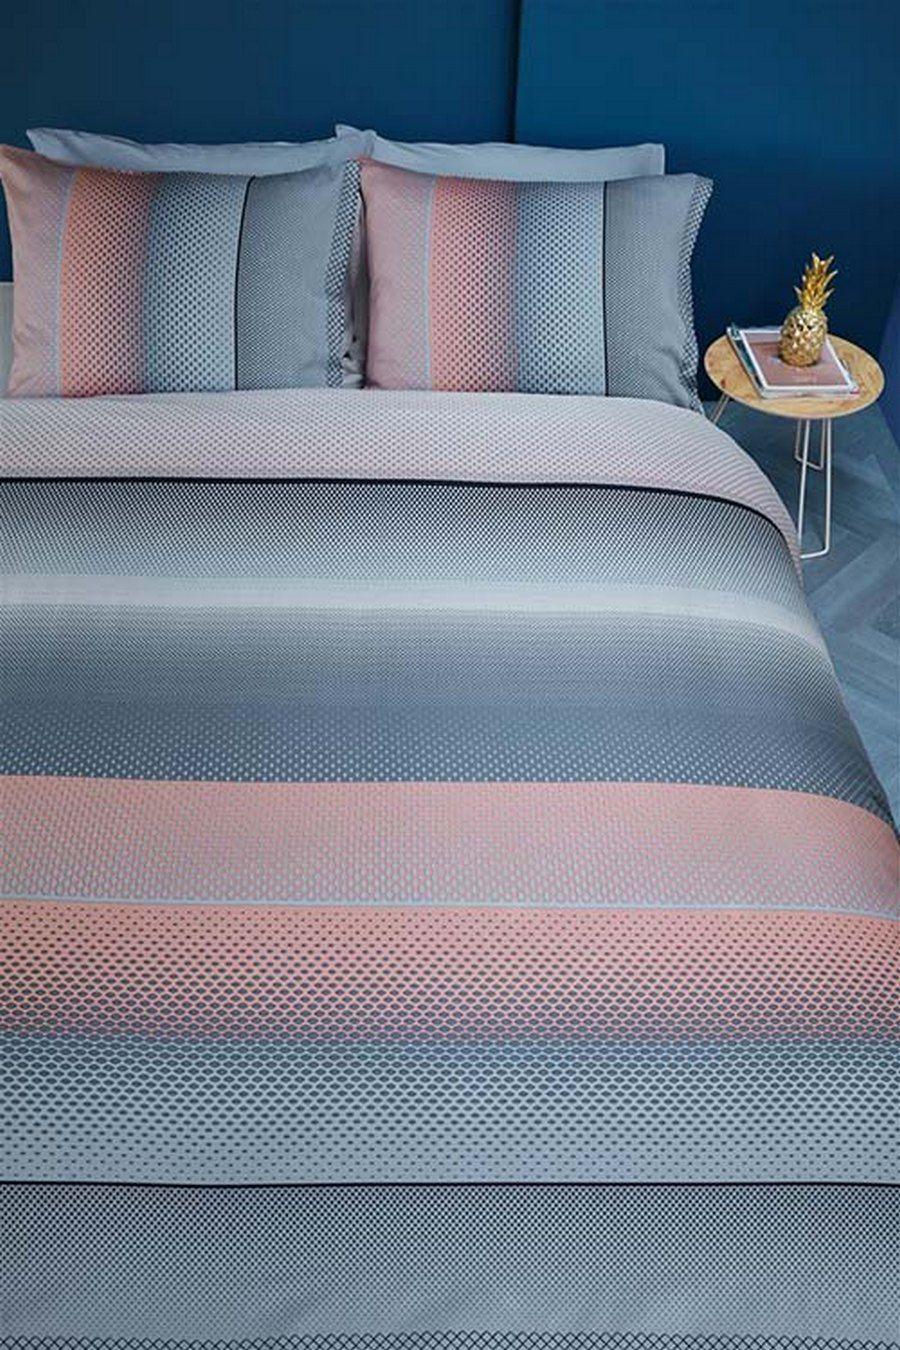 Beddinghouse - Tibbe blue dekbedovertrek